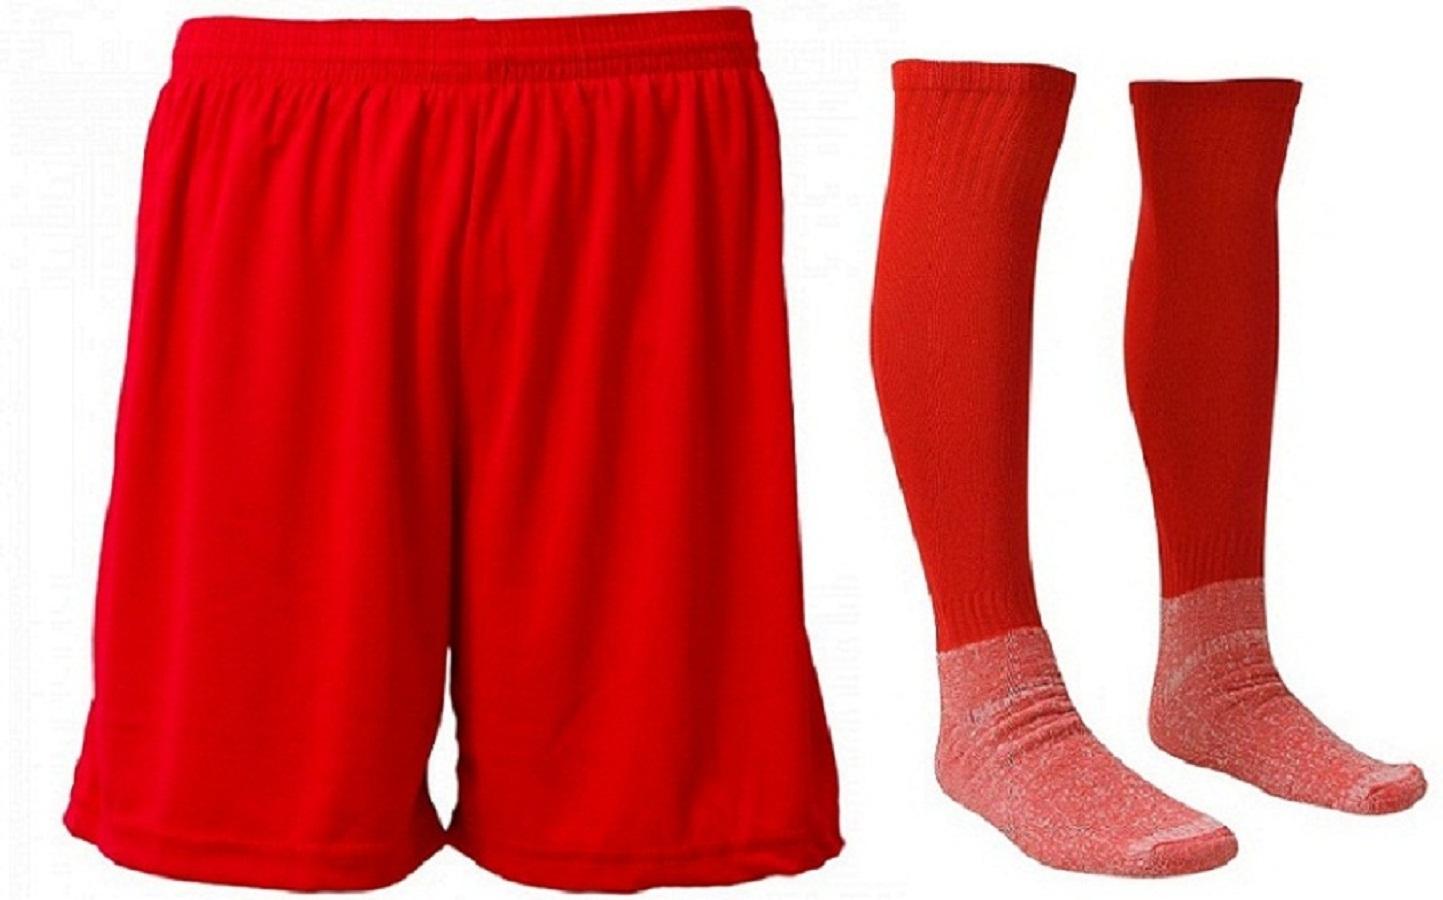 3279f6006d Kit-Calção e Meião de Futebol Liso Vermelho